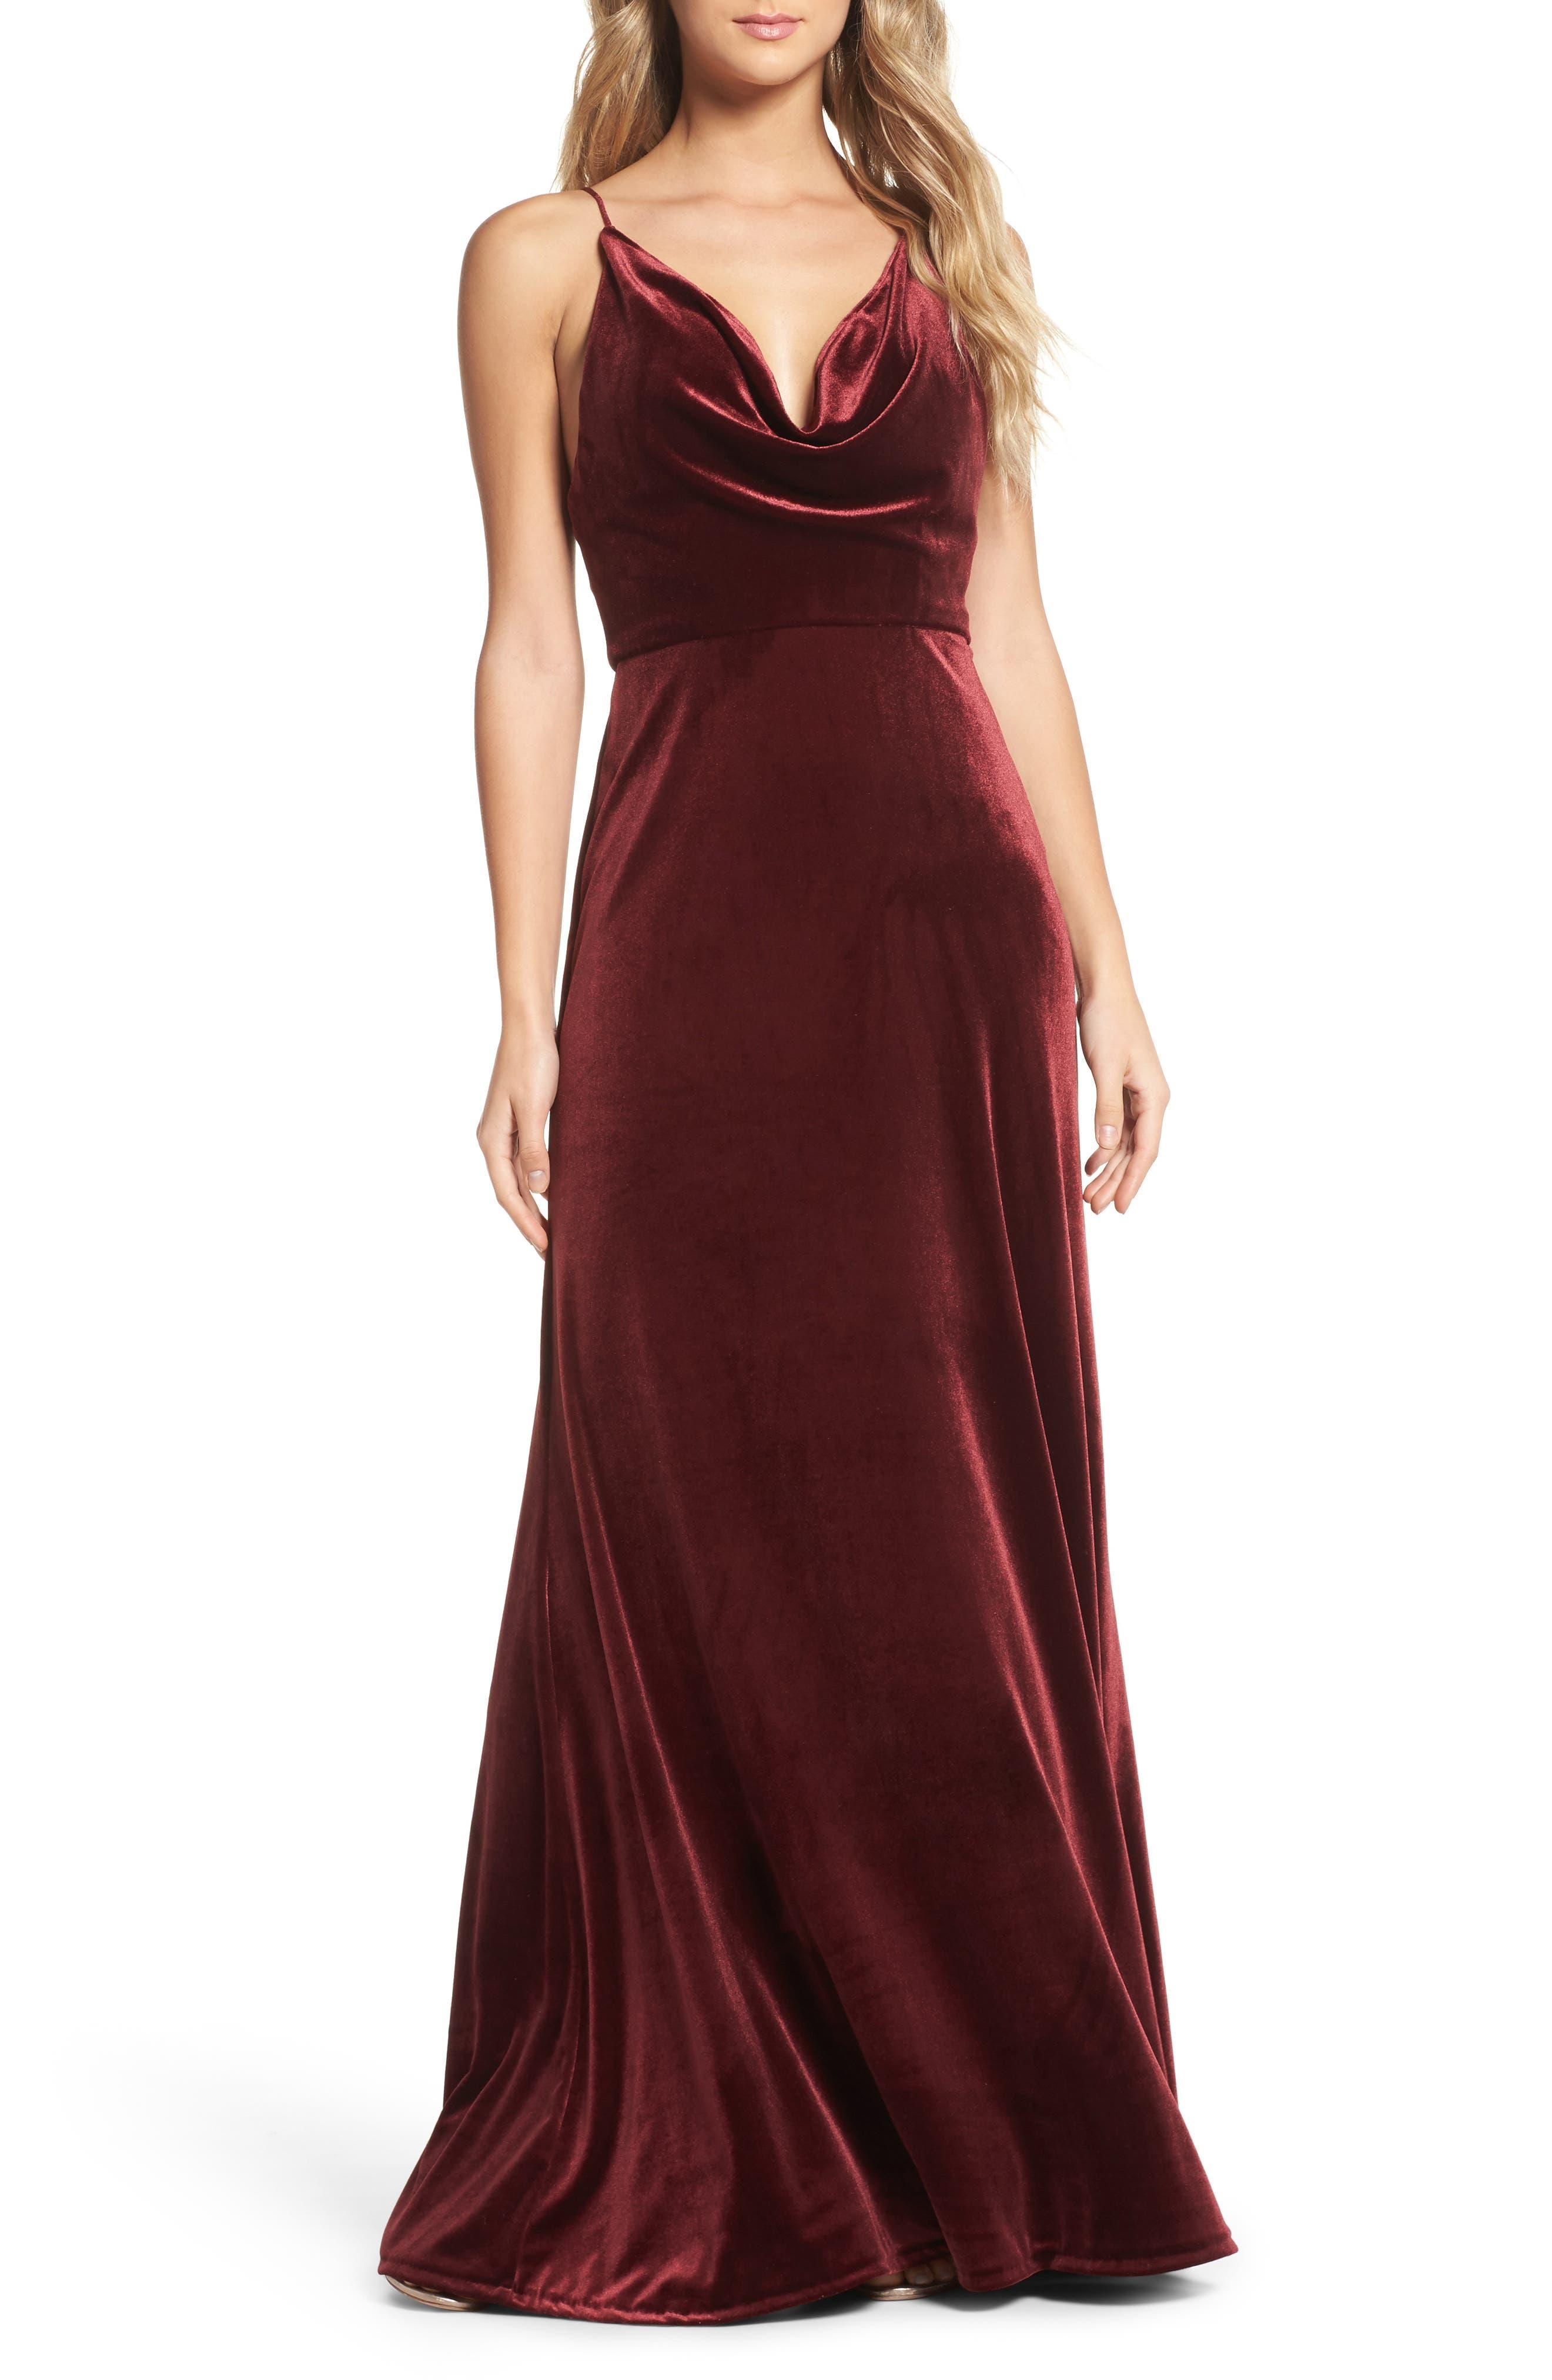 Sullivan Velvet Cowl Neck Gown,                             Main thumbnail 1, color,                             Dark Berry